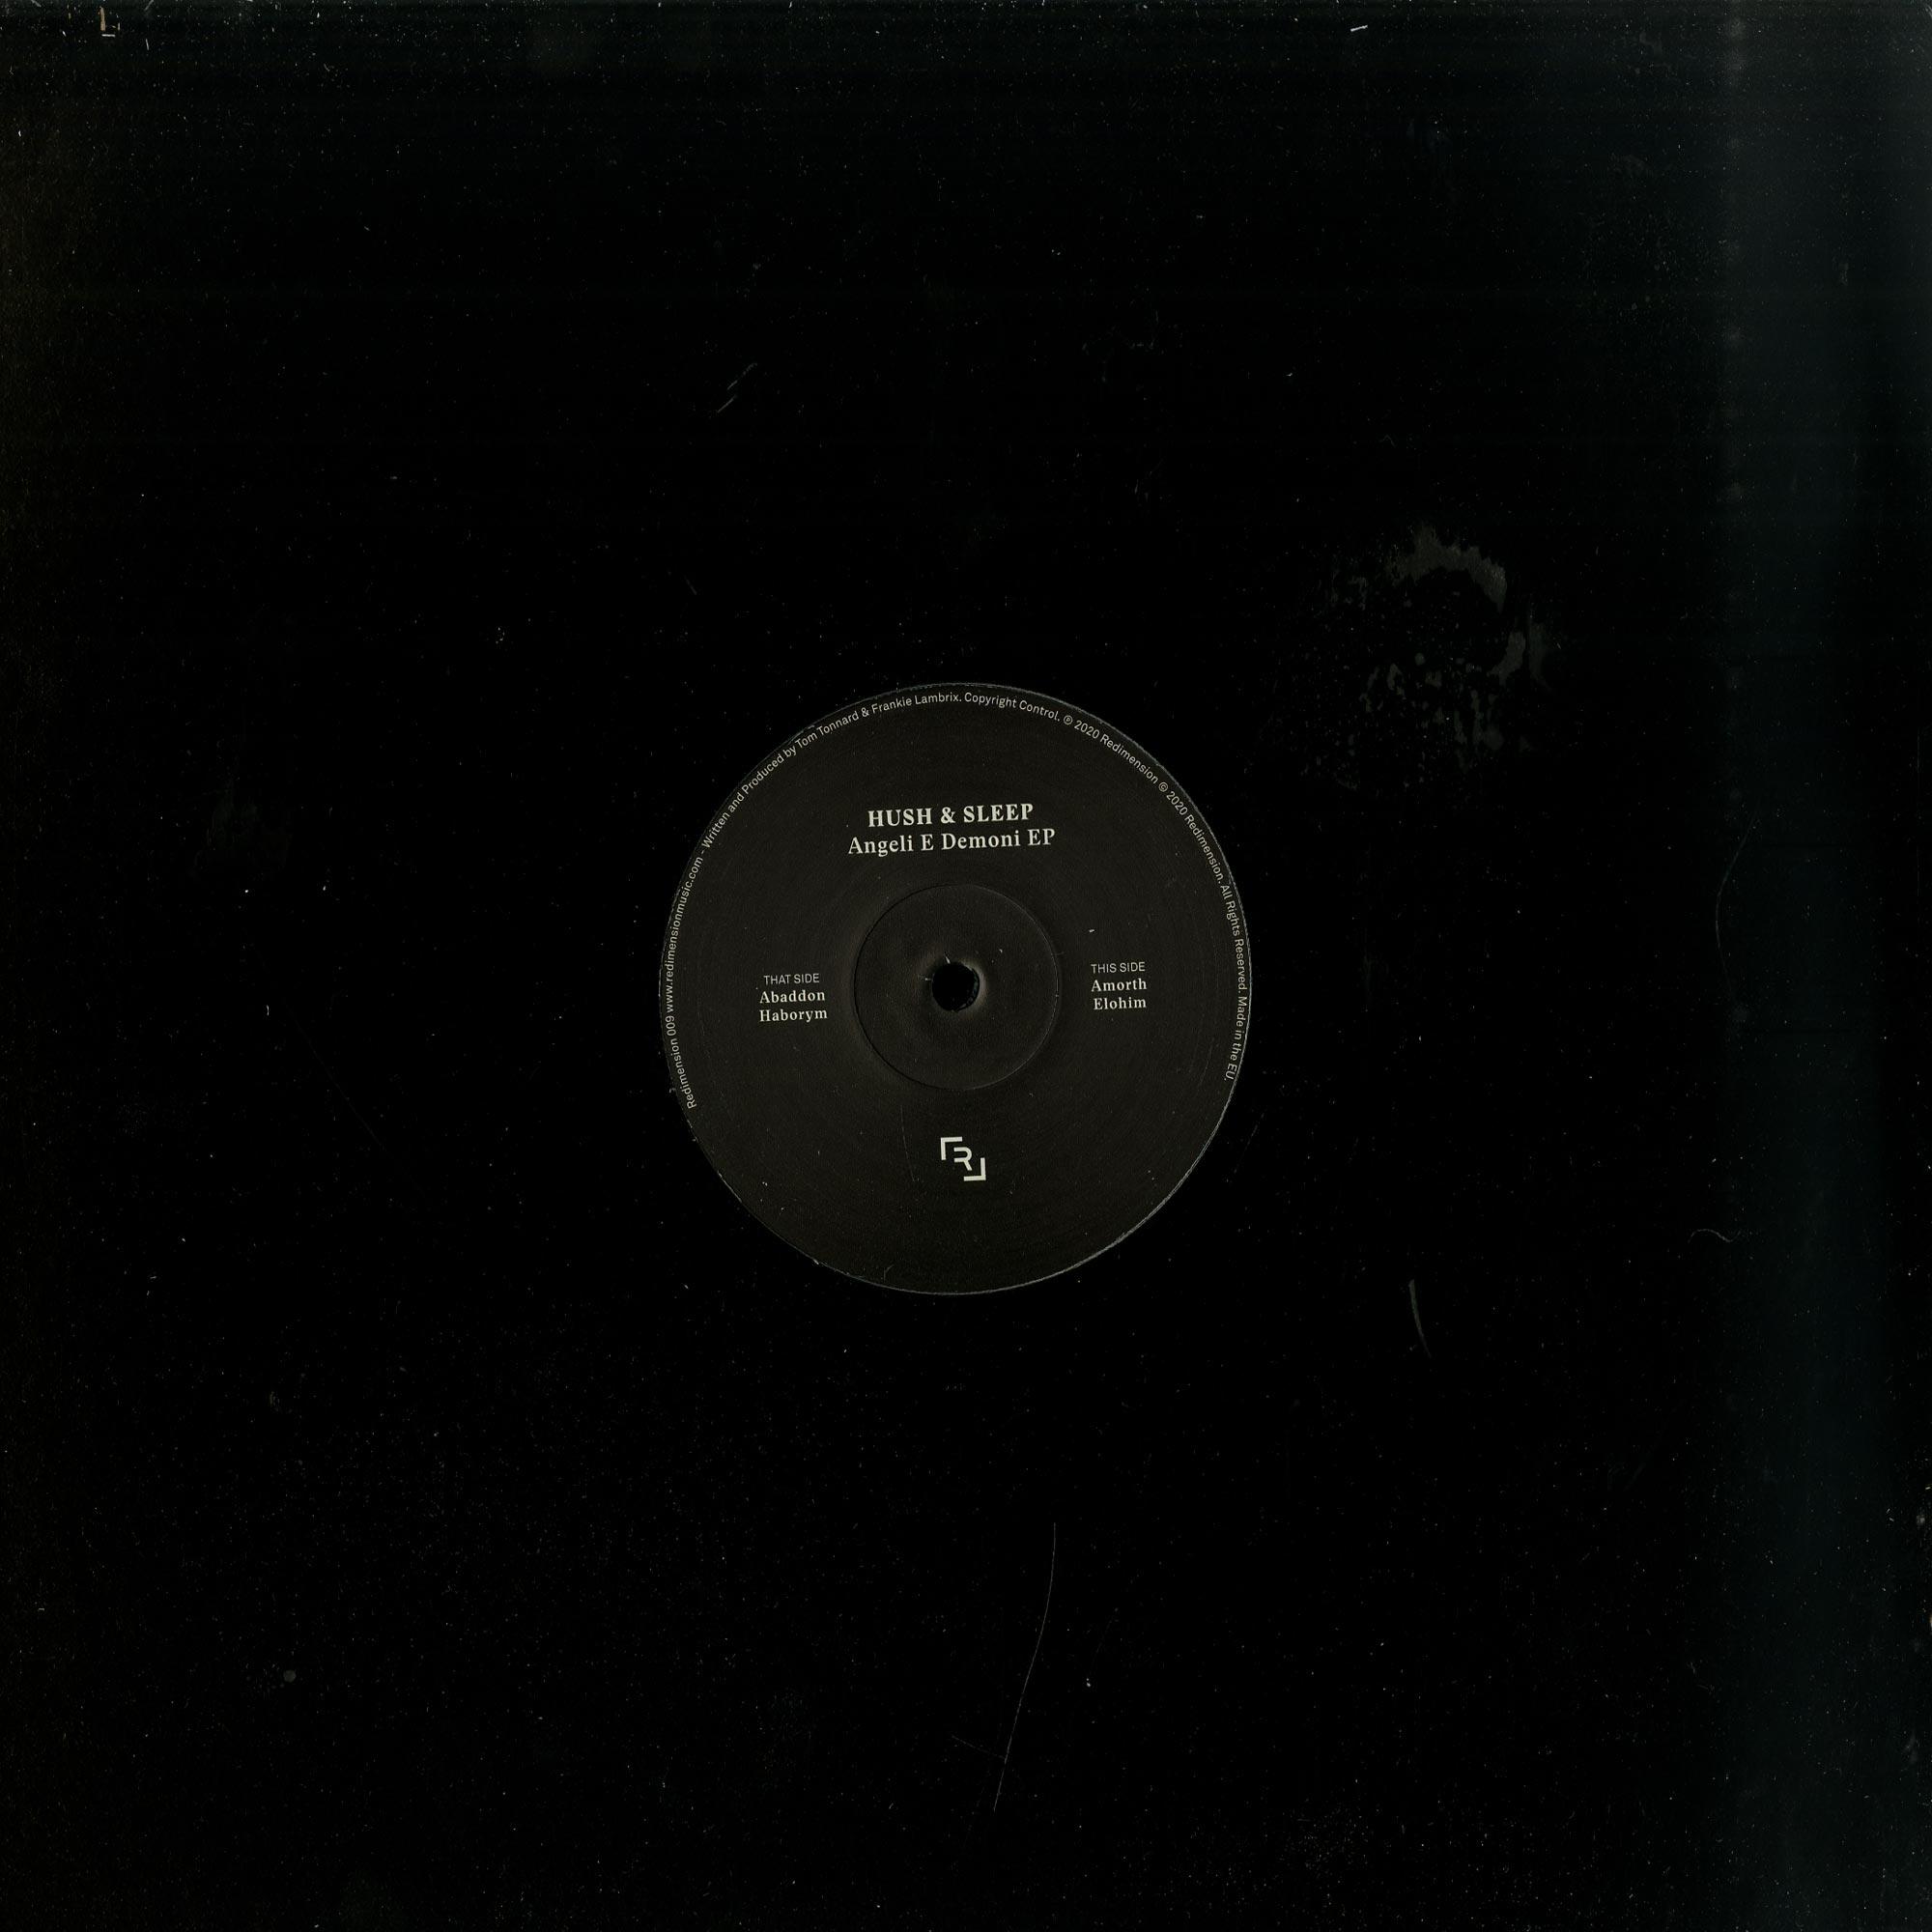 Hush Sleep - ANGELI E DEMONI EP